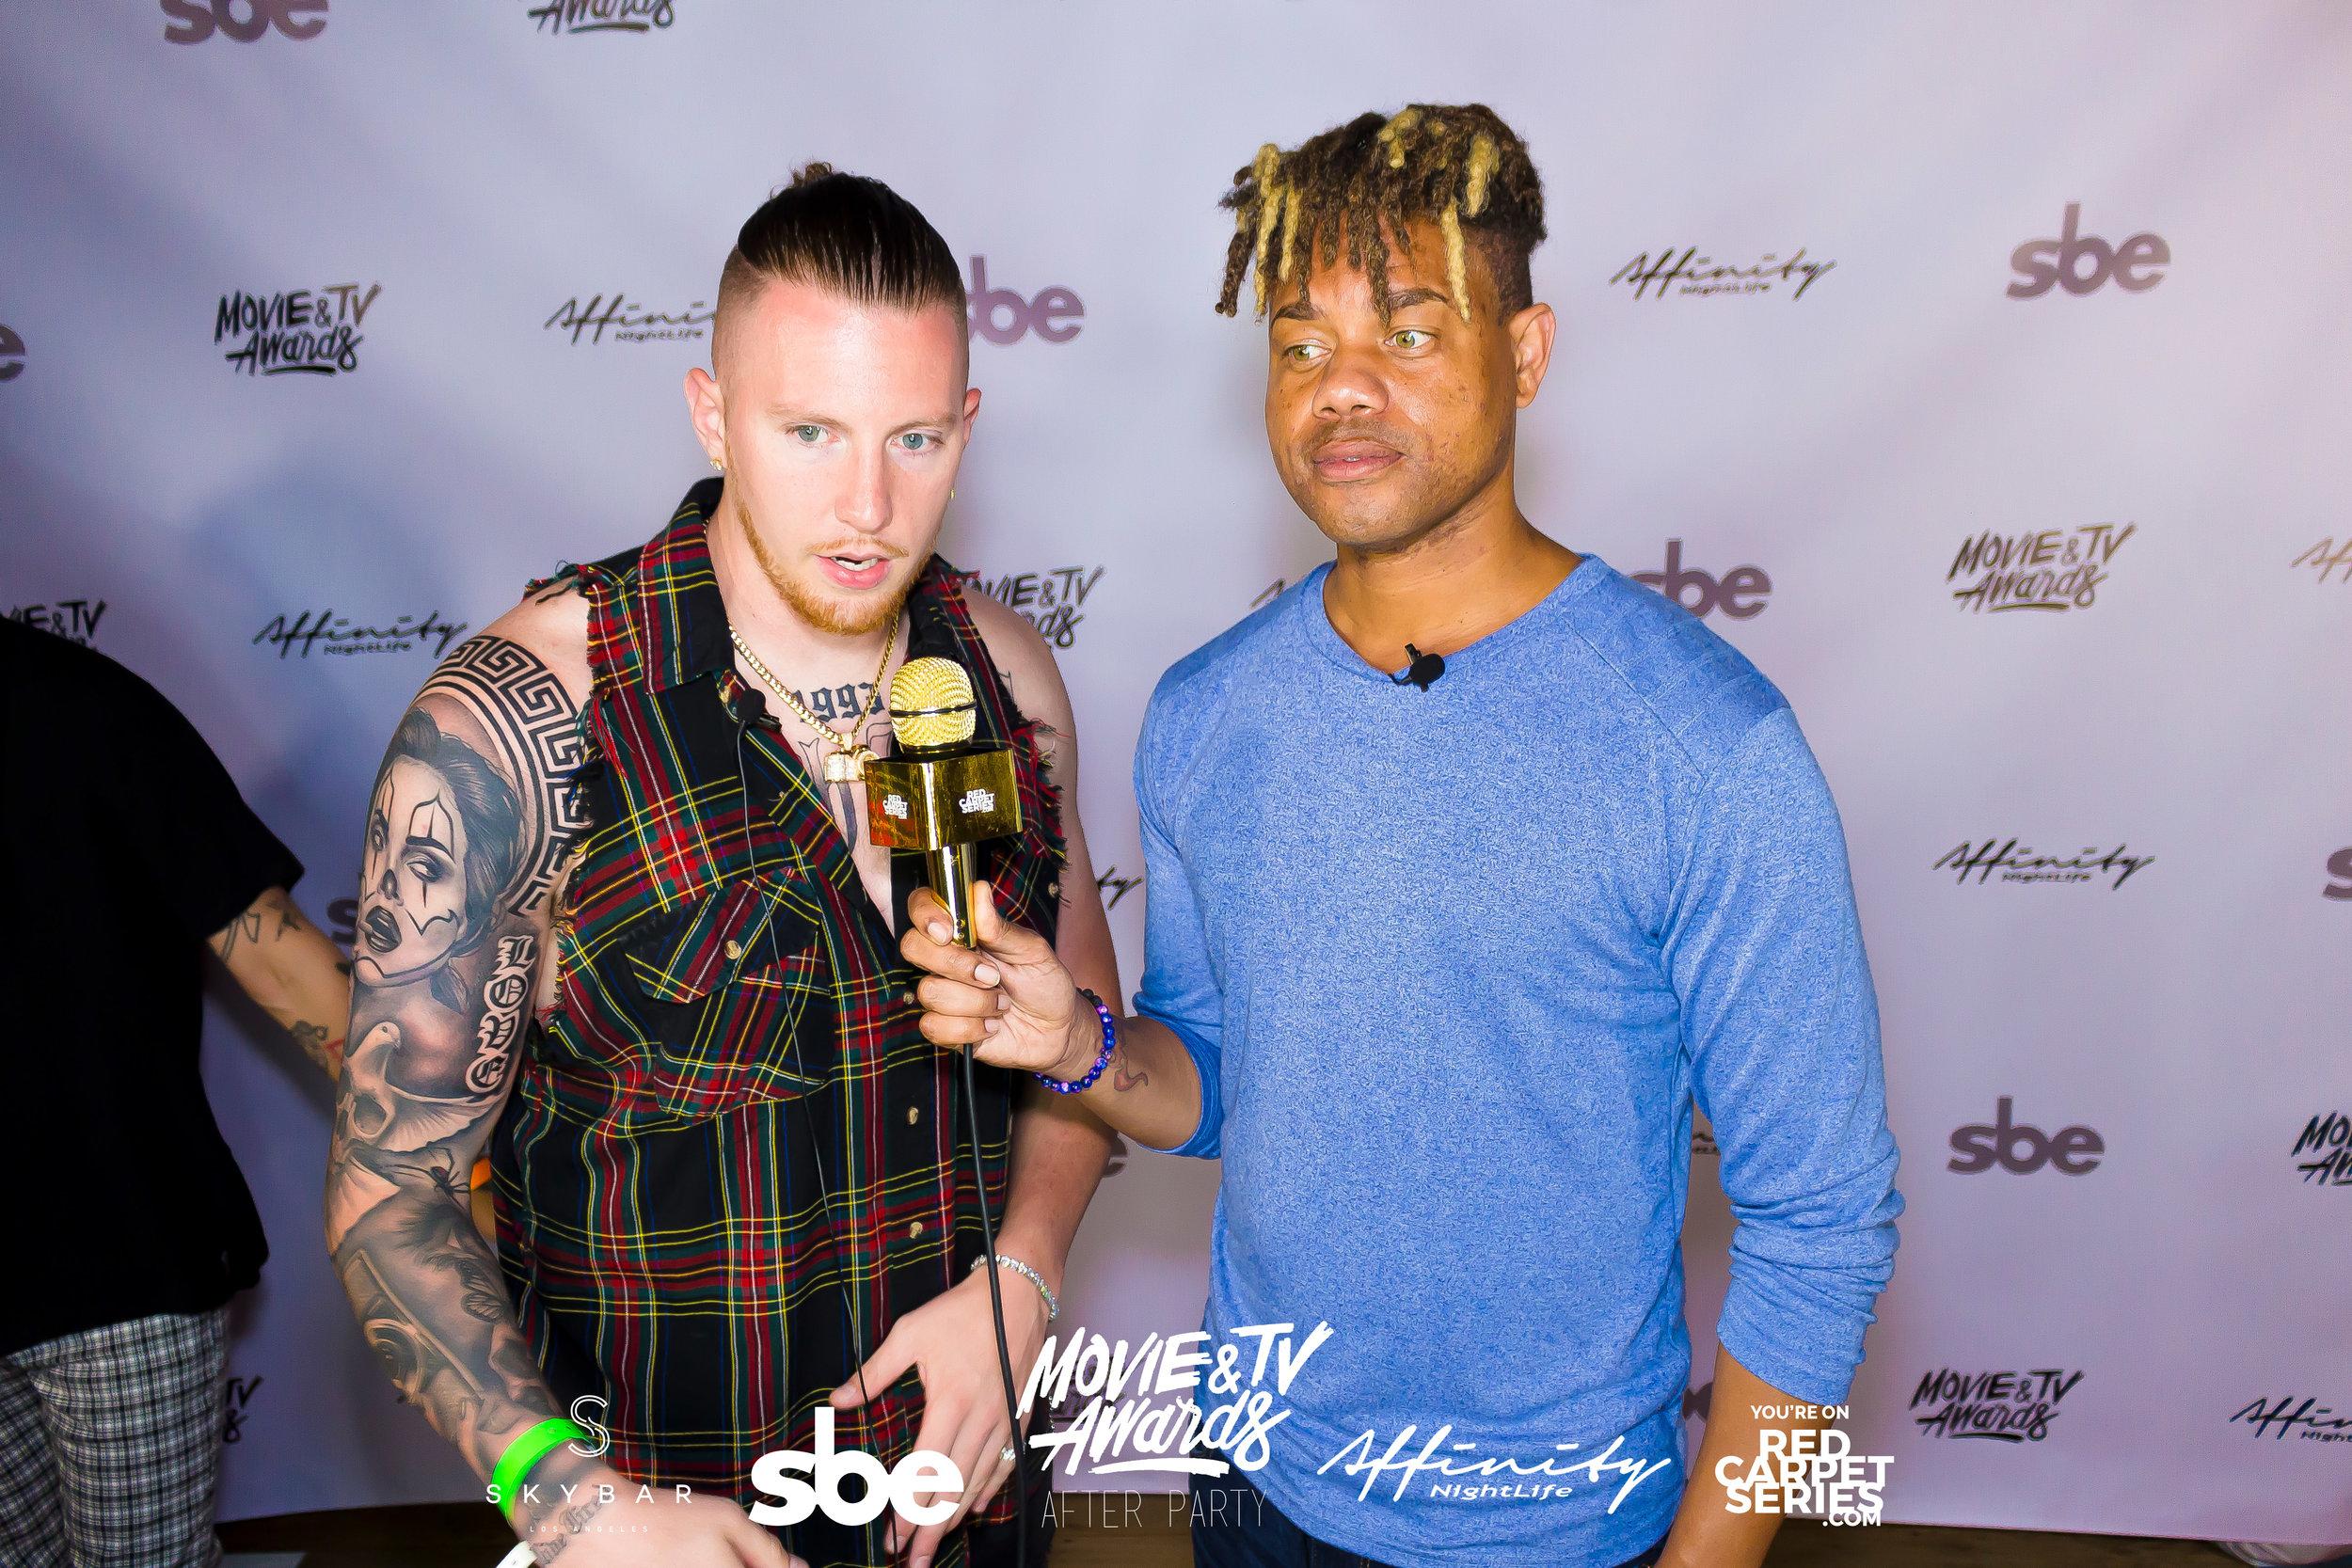 Affinity Nightlife MTV Movie & TV Awards After Party - Skybar at Mondrian - 06-15-19 - Vol. 1_138.jpg